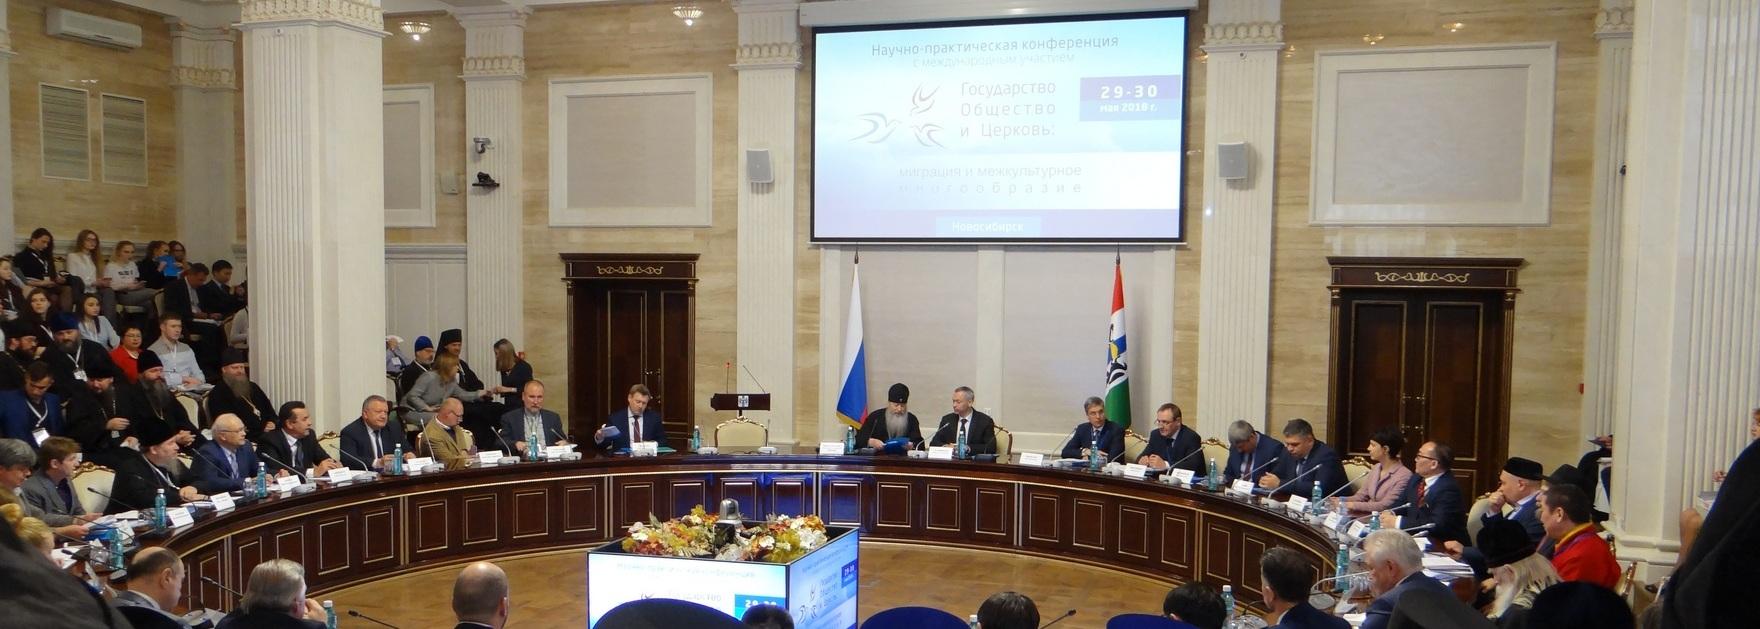 Новосибирская семинария стала соорганизатором международной научно-практической конференции «Государство, Общество и Церковь: миграция и межкультурное многообразие»